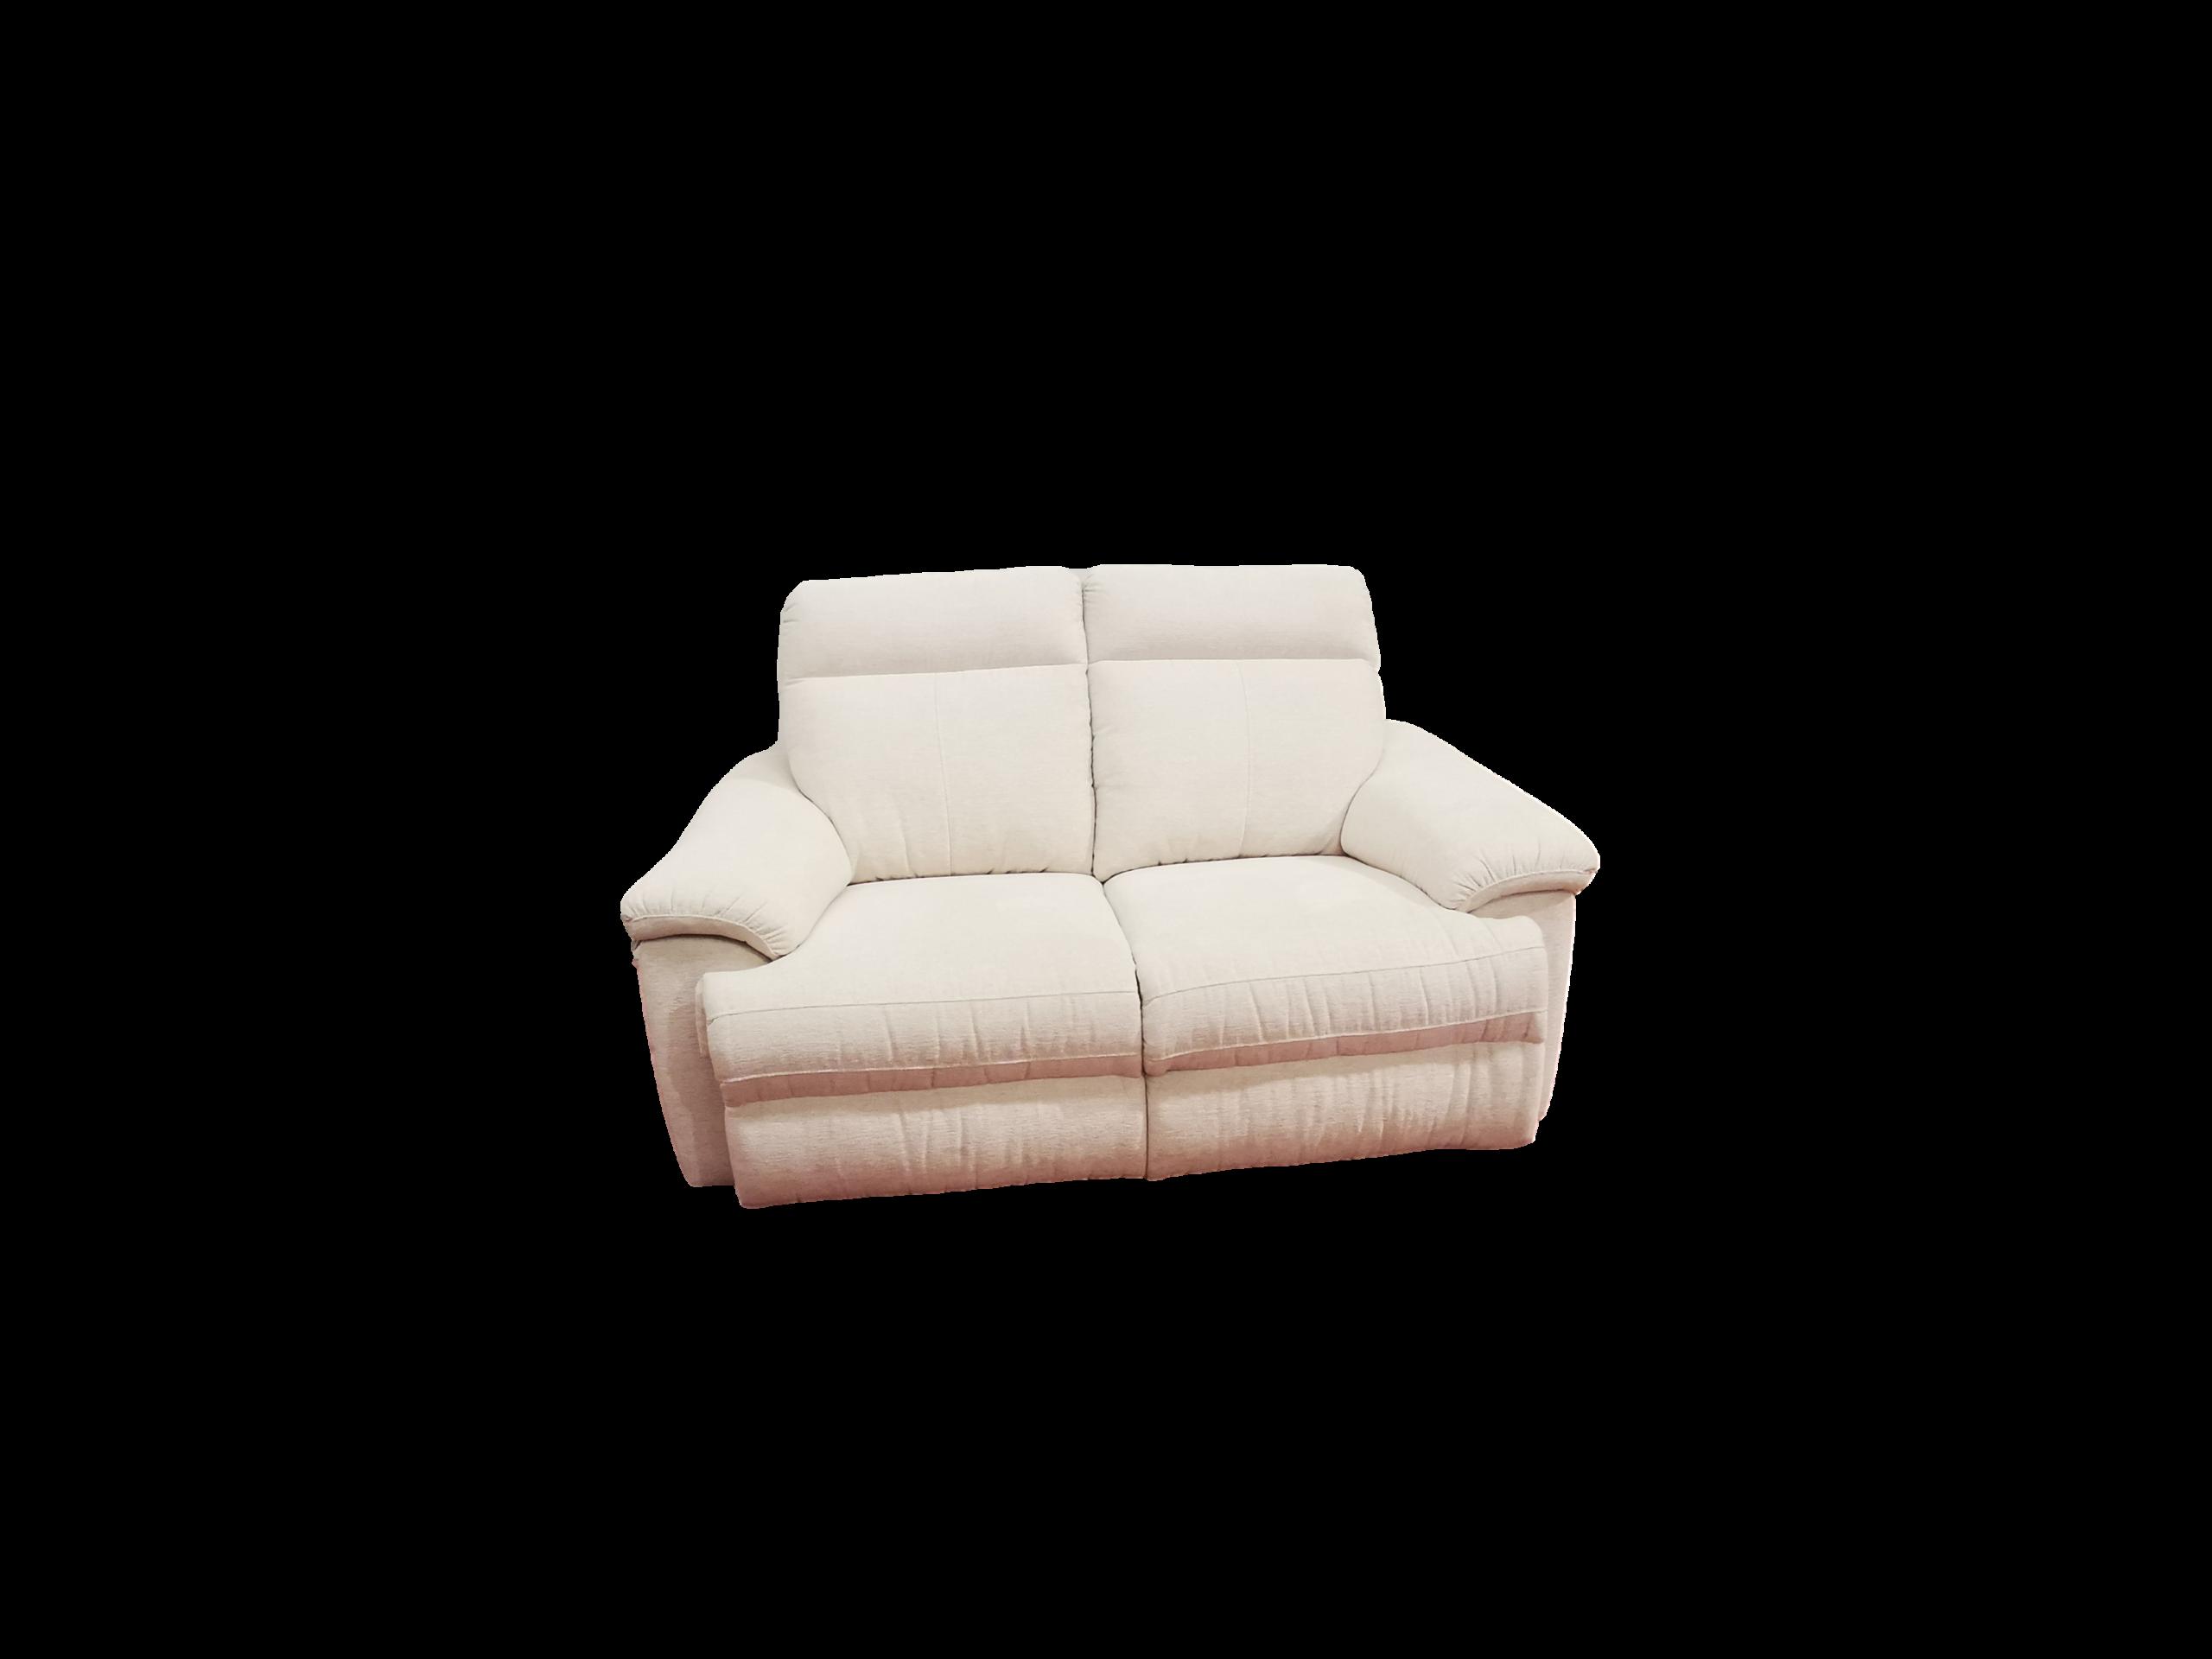 sofa-mod-creta-160-mt-fijo-350e